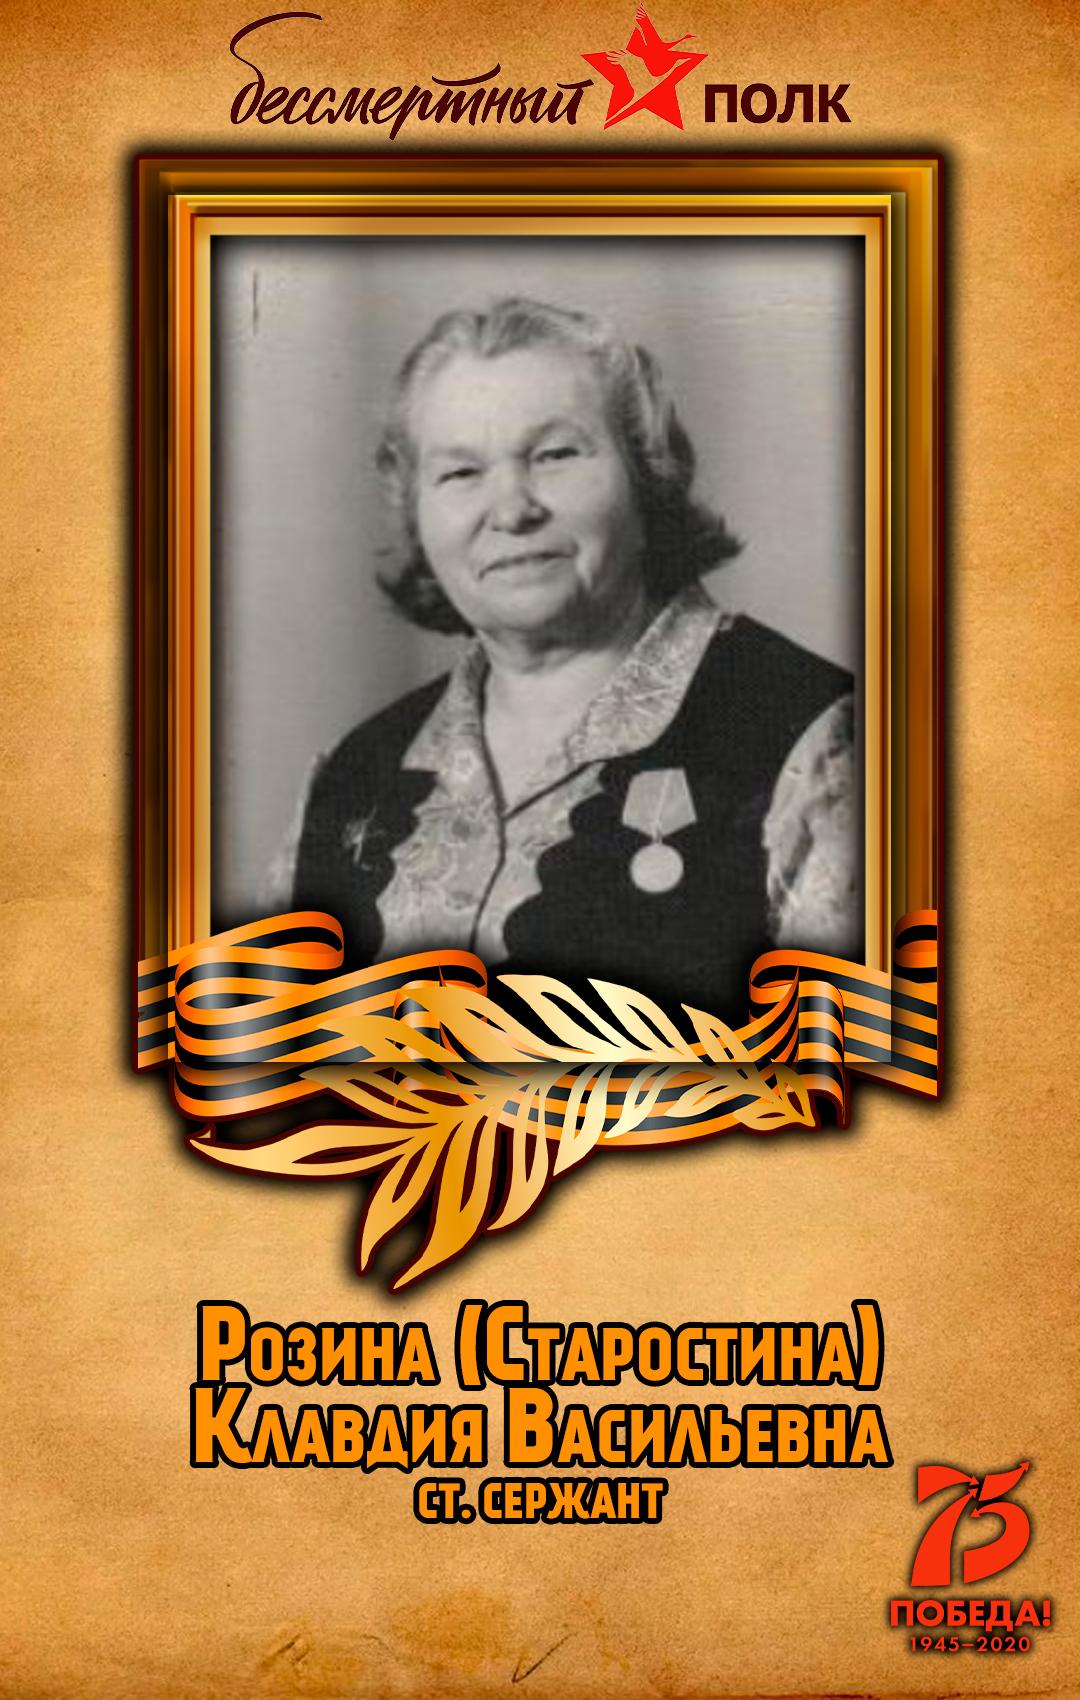 Розина-(Старостина)-Клавдия-Васильевна